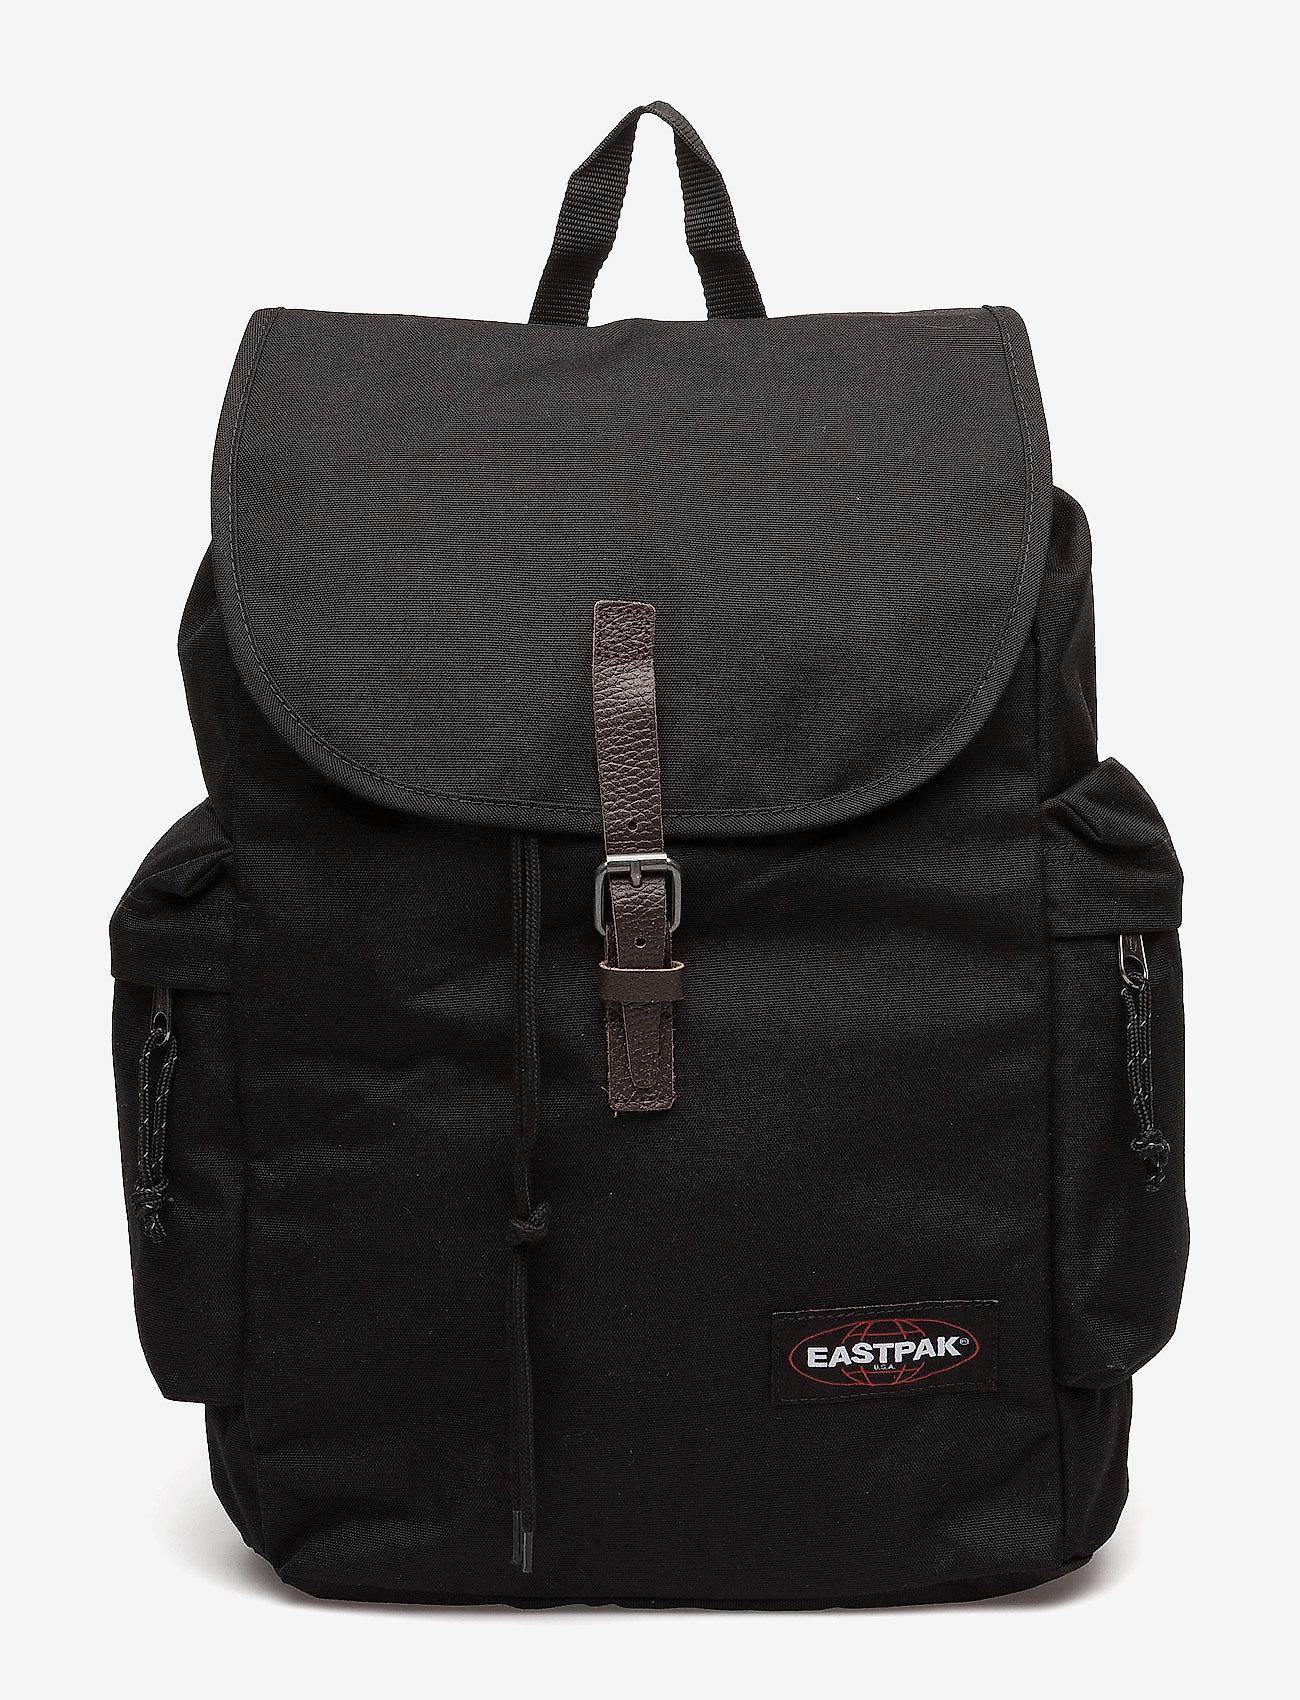 Eastpak - AUSTIN - rucksäcke - black - 0